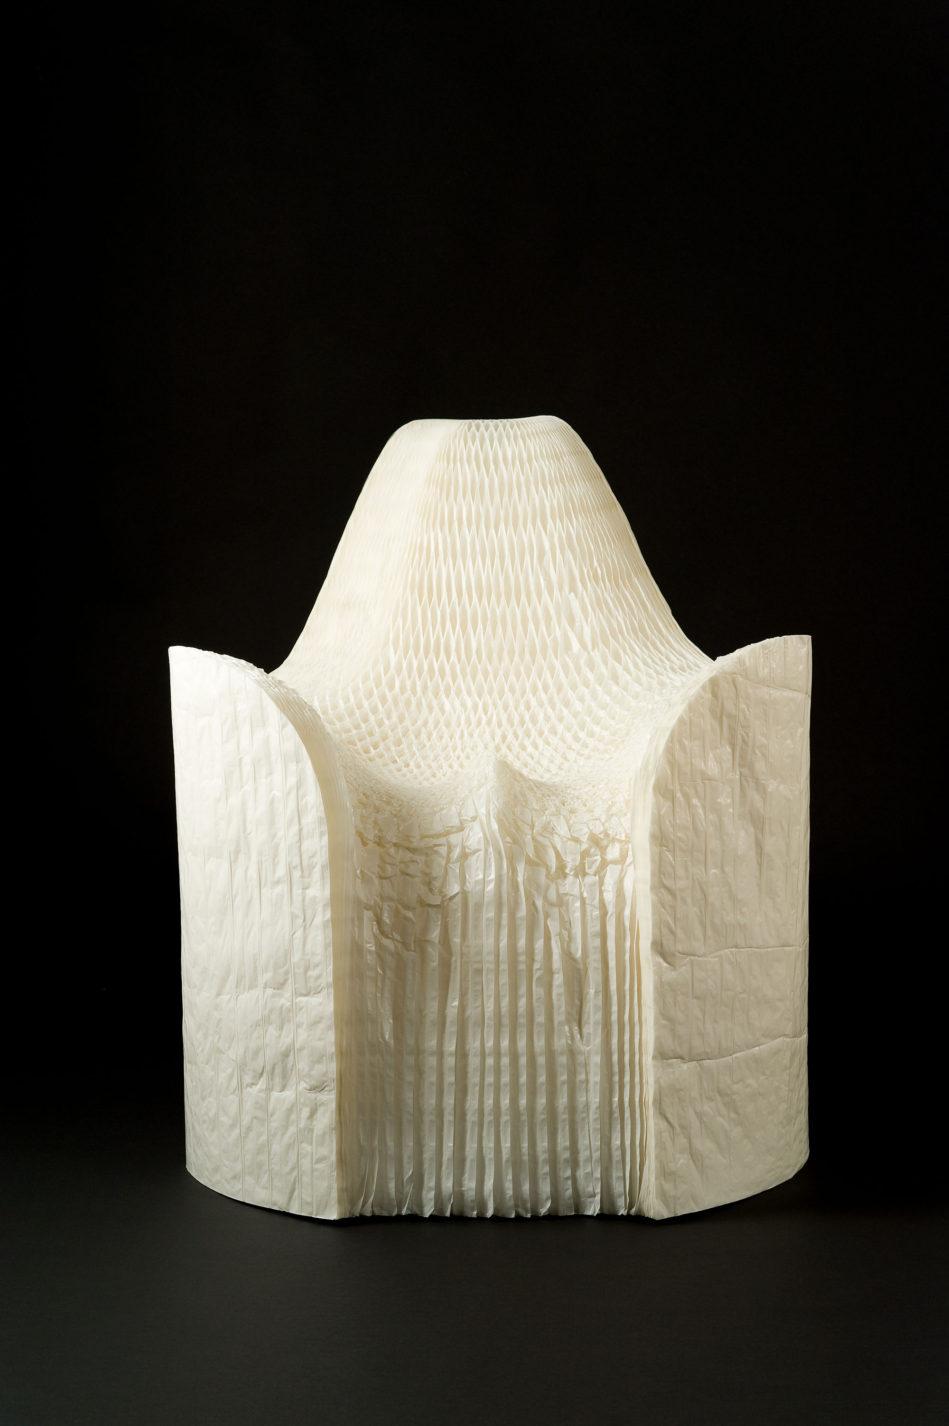 Fauteuil composé de milliers de feuilles de papier blanc plissées.